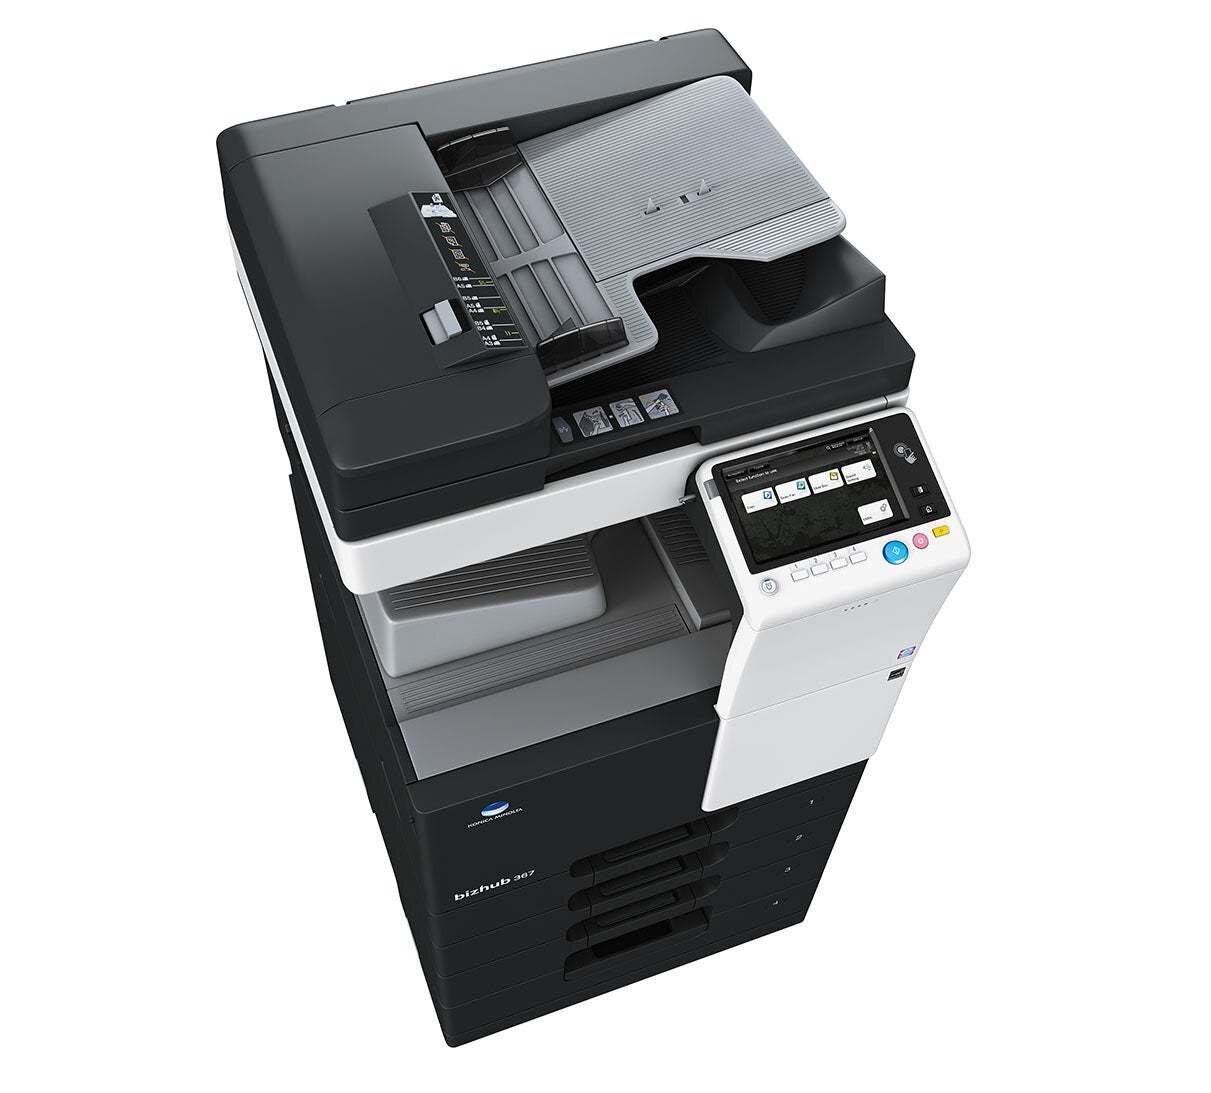 Konica Minolta bizhub B367 office printer